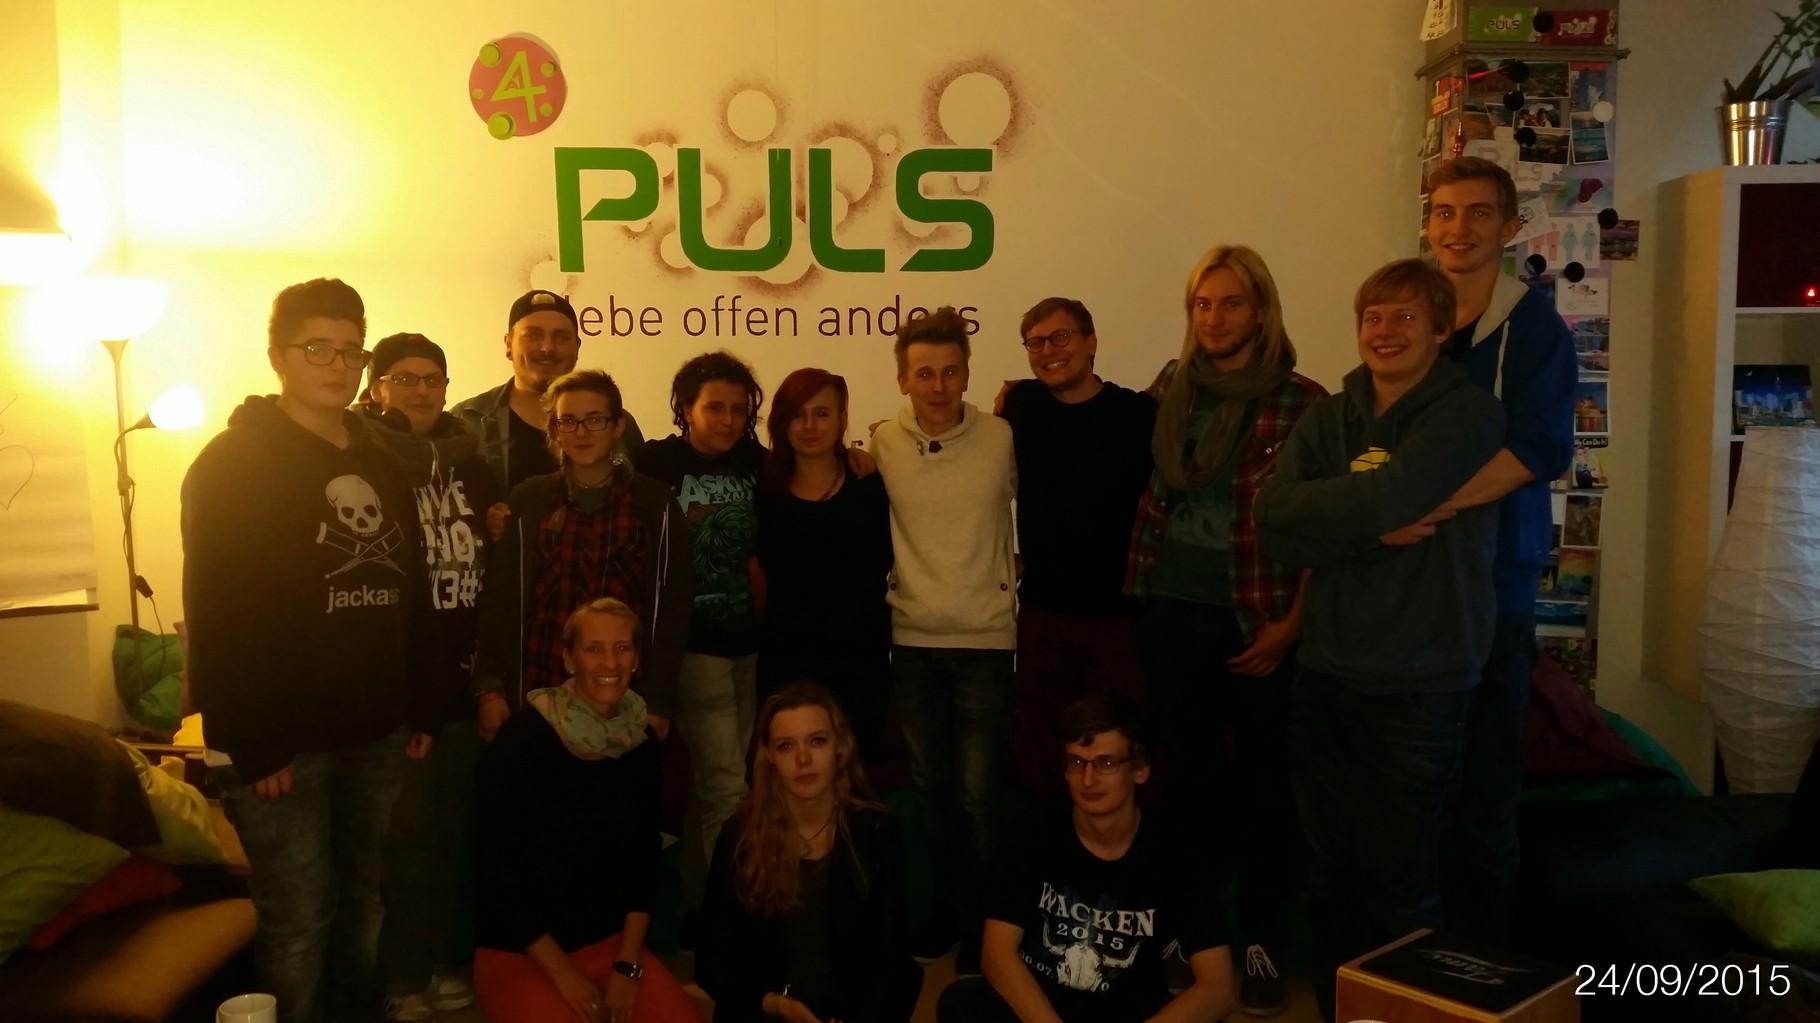 Das Gruppenfoto darf natürlich nicht fehlen:) Jana (Hauptverantwortliche des PULS) ist wirklich sehr nett und hilfsbereit.